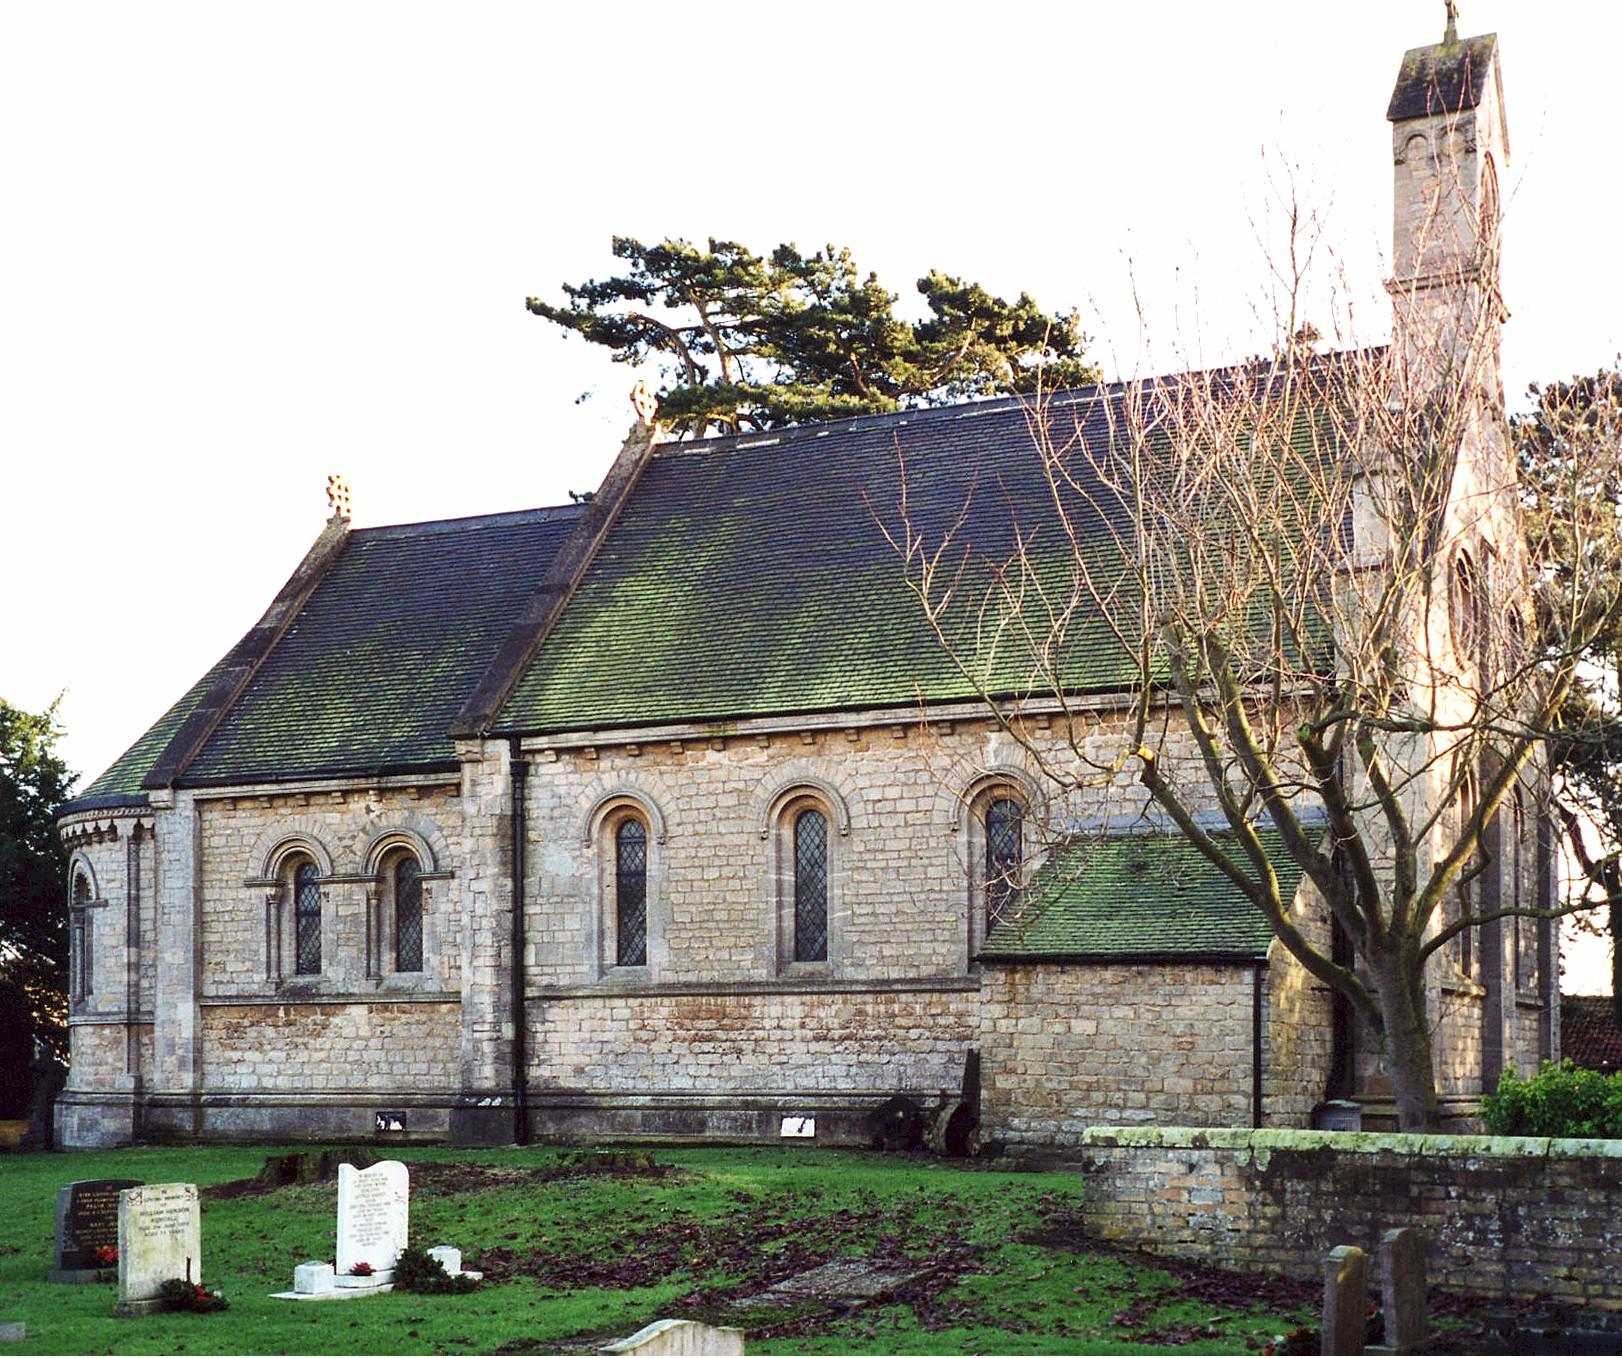 St. Edward's Church